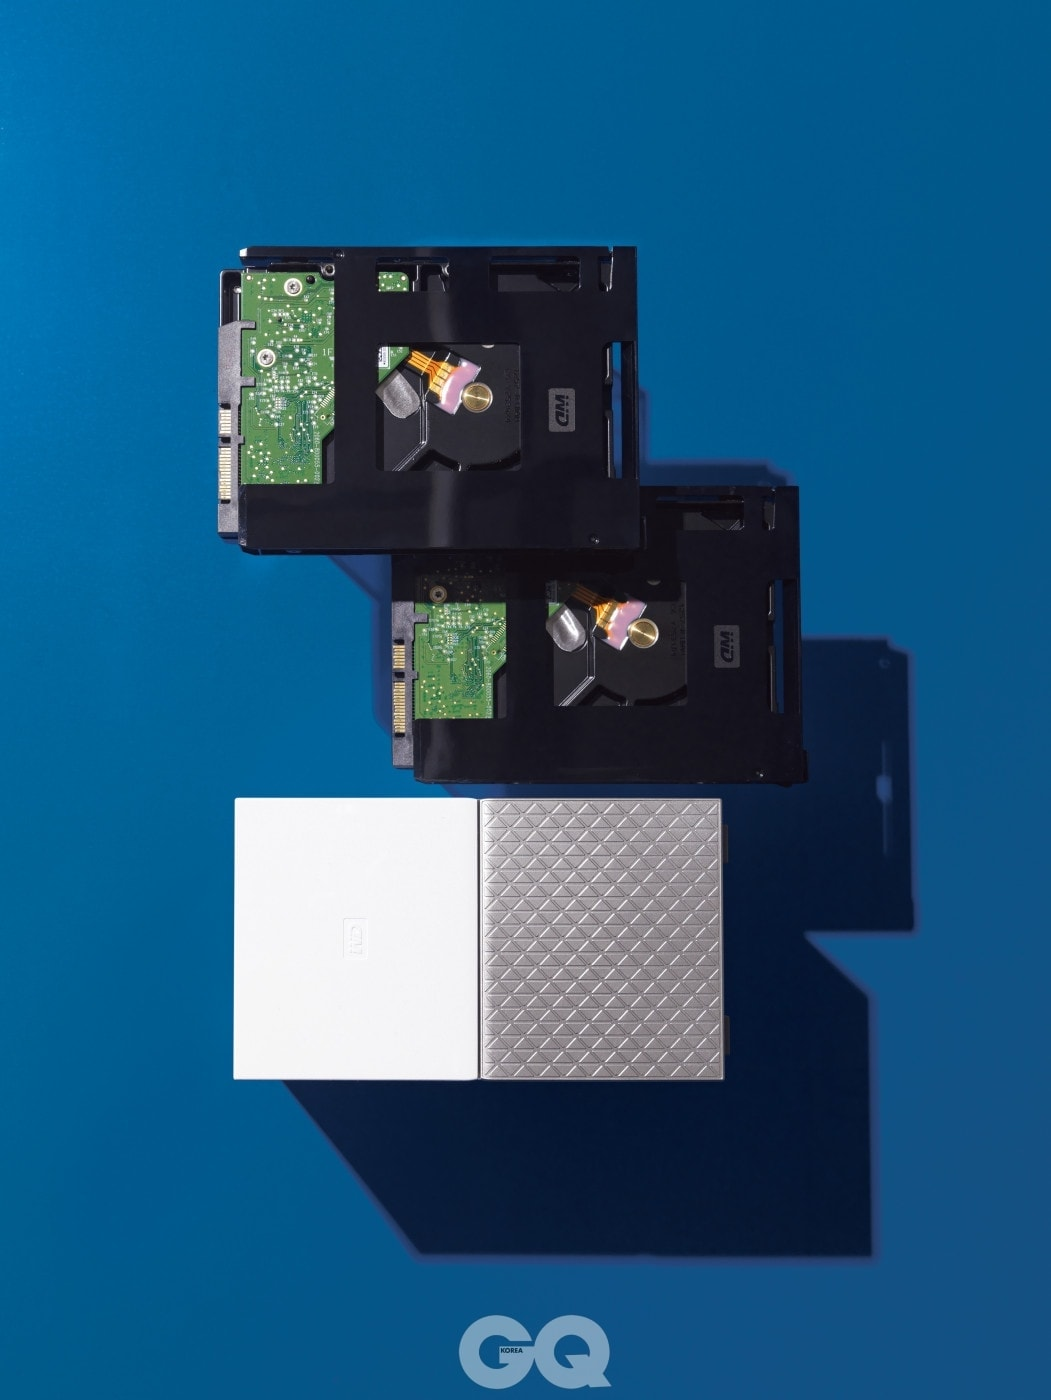 외장 하드와 USB를 본체에 직접 연결할 수 있도록 지원하는 외장 네트워크 하드 케이스 마이 클라우드 홈은 8기가바이트 하드디스크 포함 최저가 42만원대, WD.